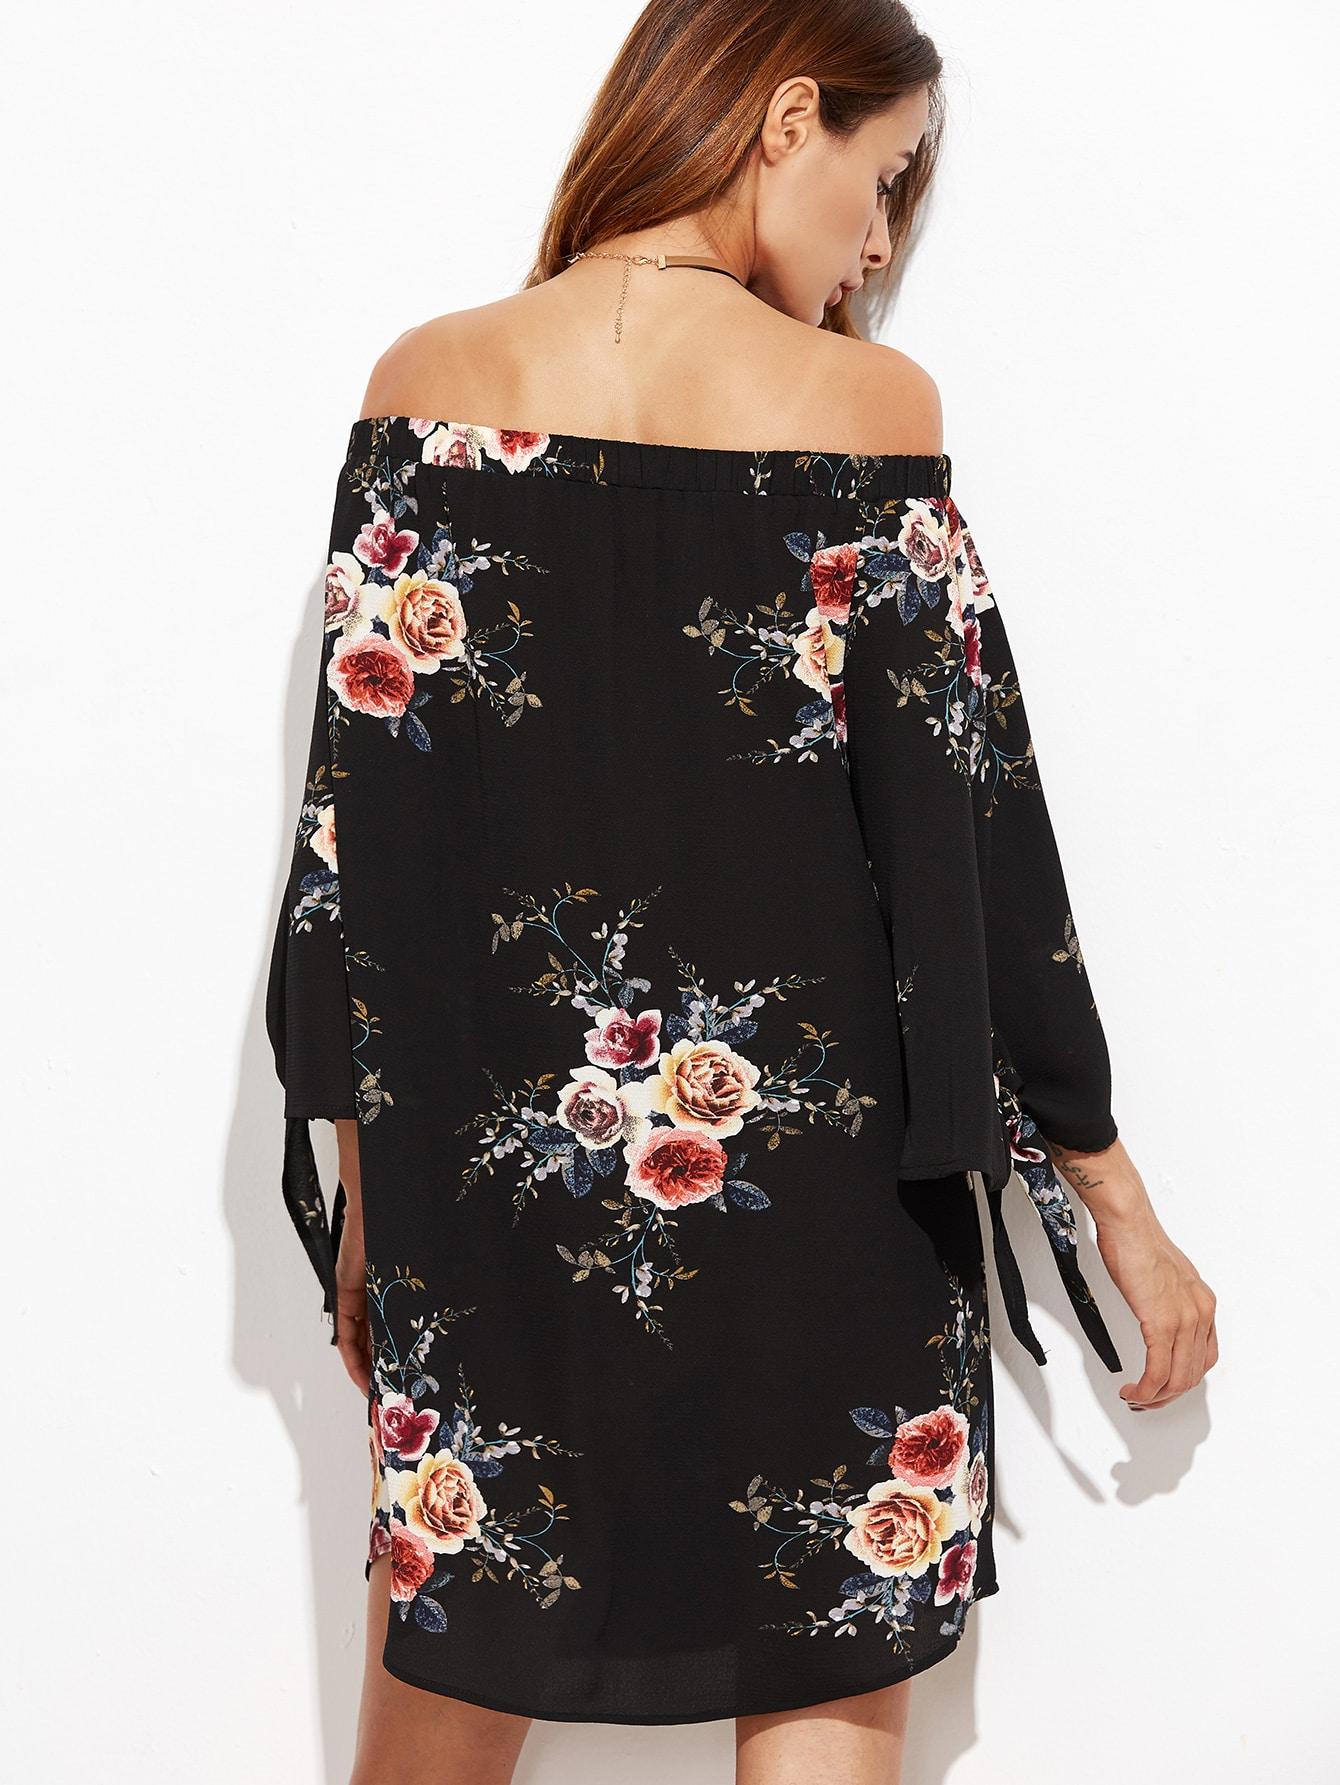 dress161012402_2